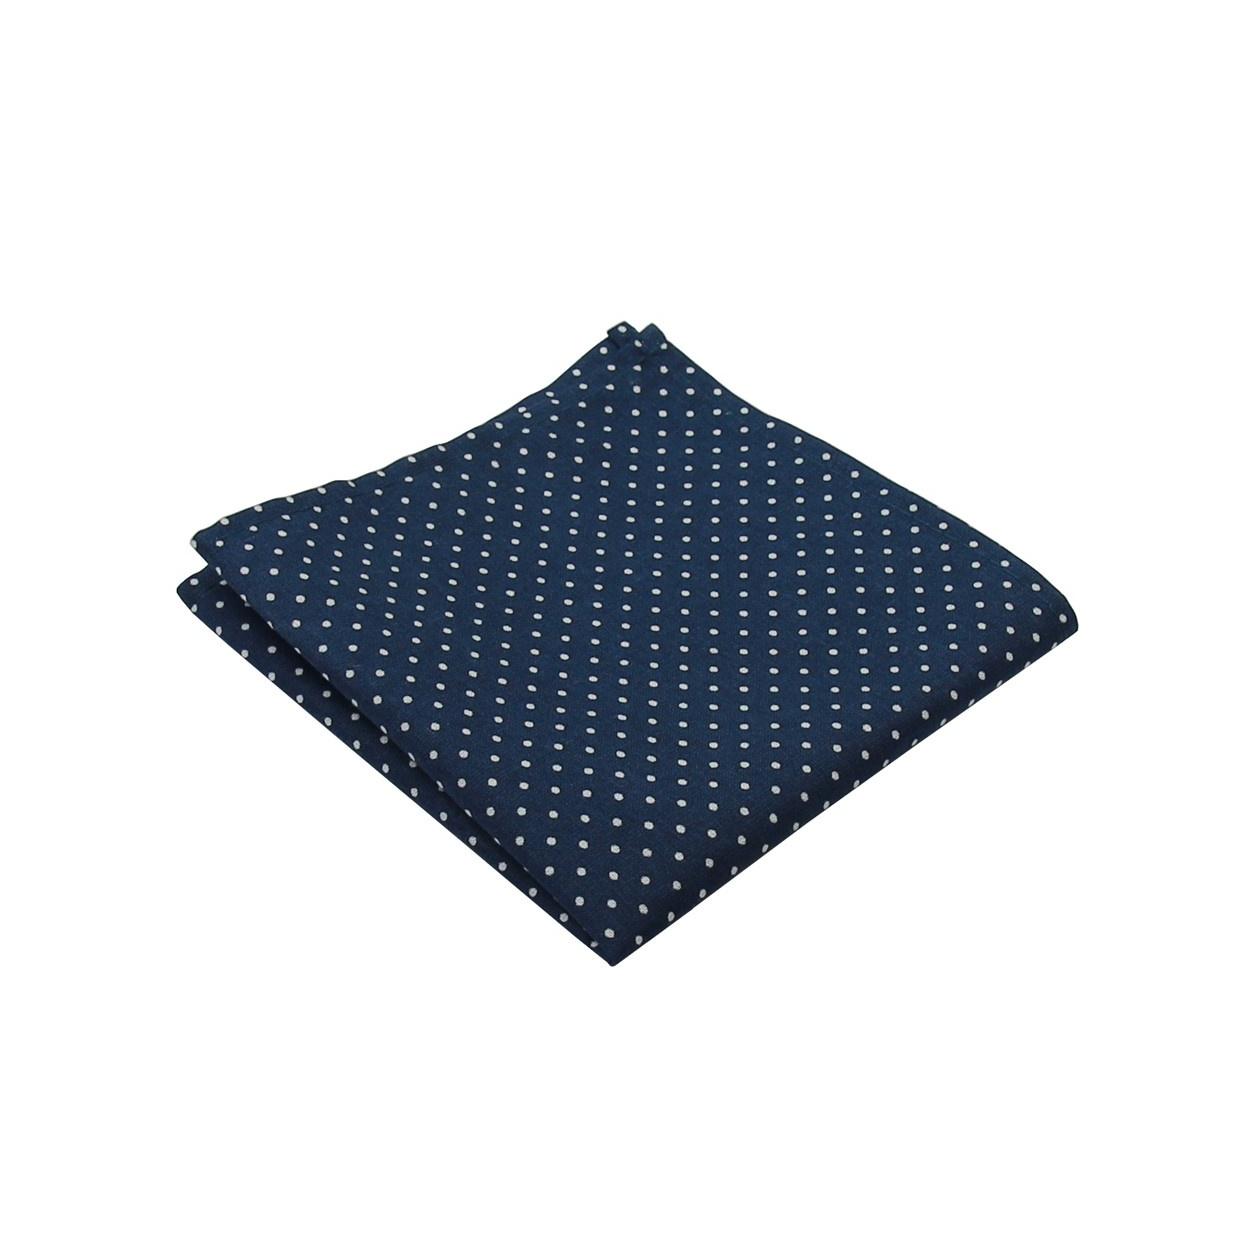 Tmavě modrý pánský kapesníček do saka s puntíky